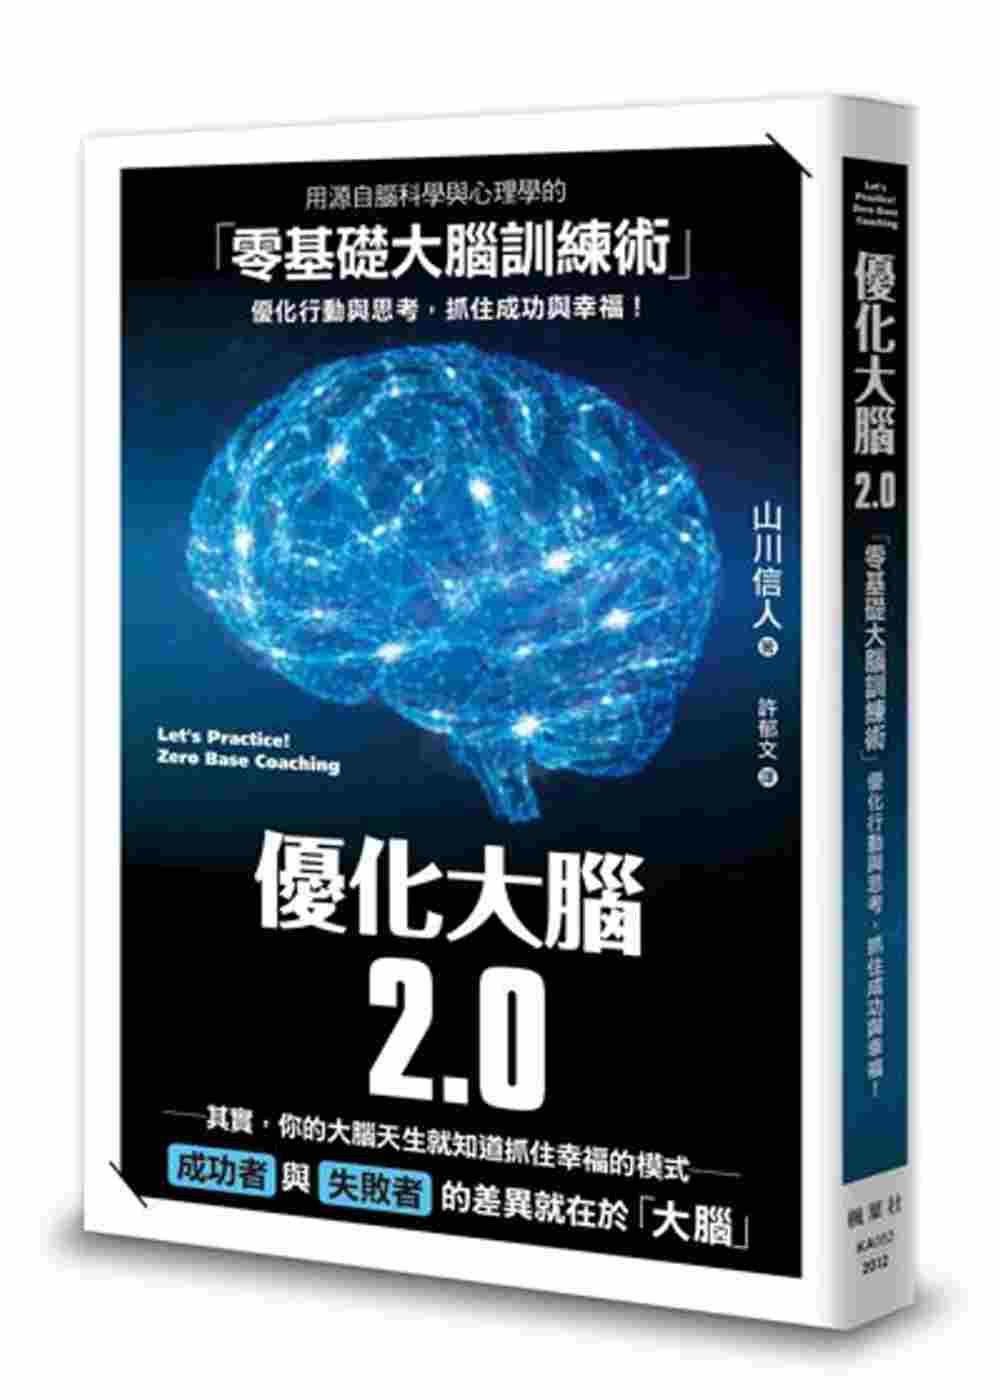 優化大腦2.0